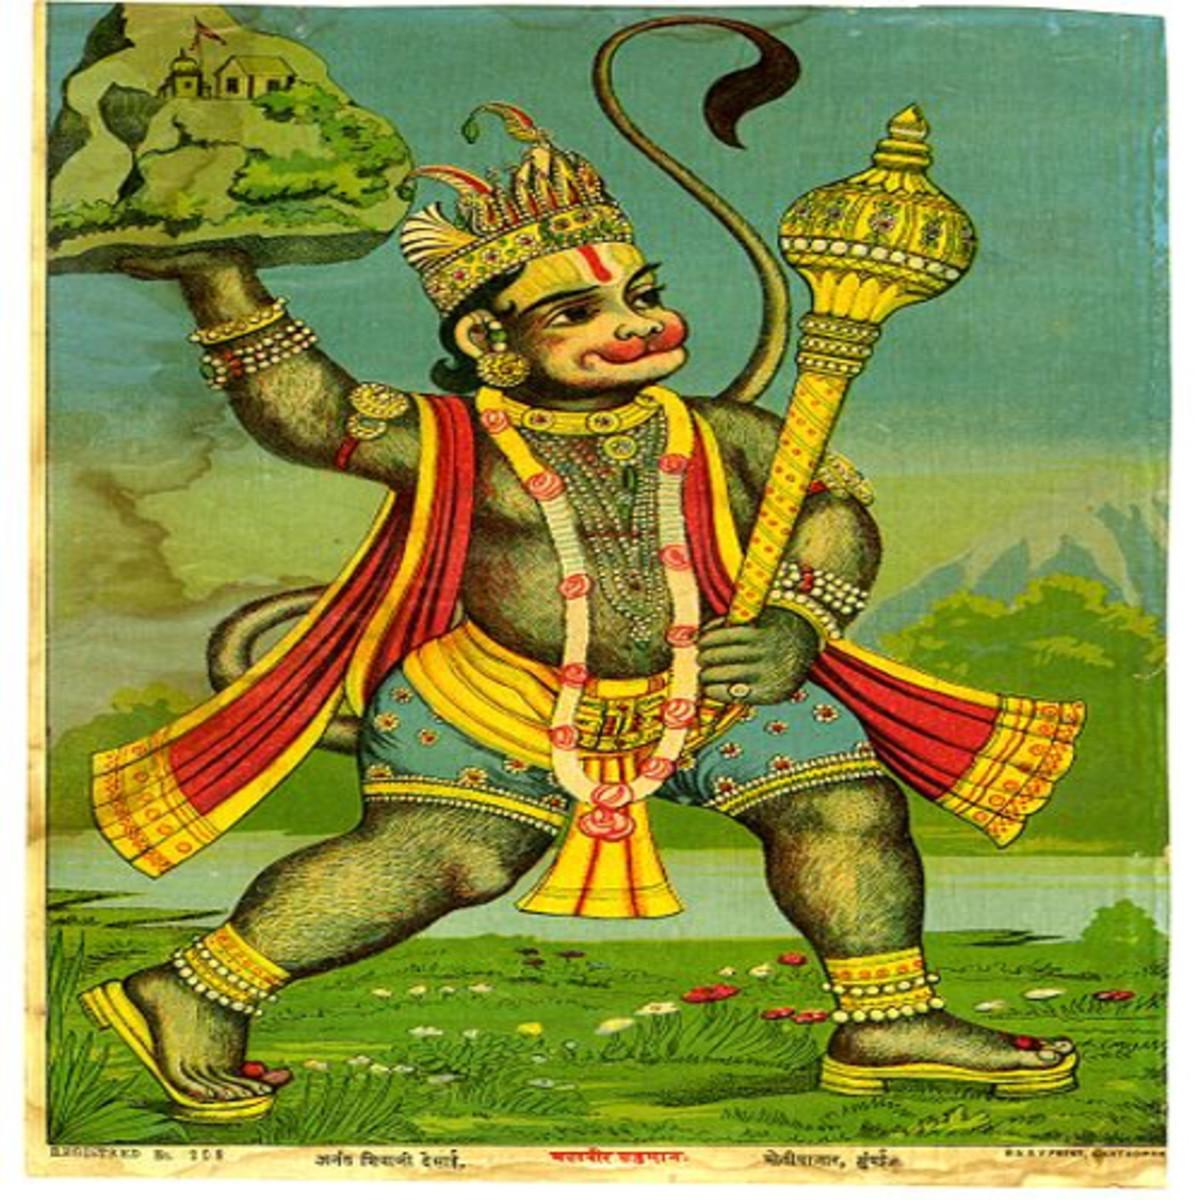 Hanuman fetches herbs